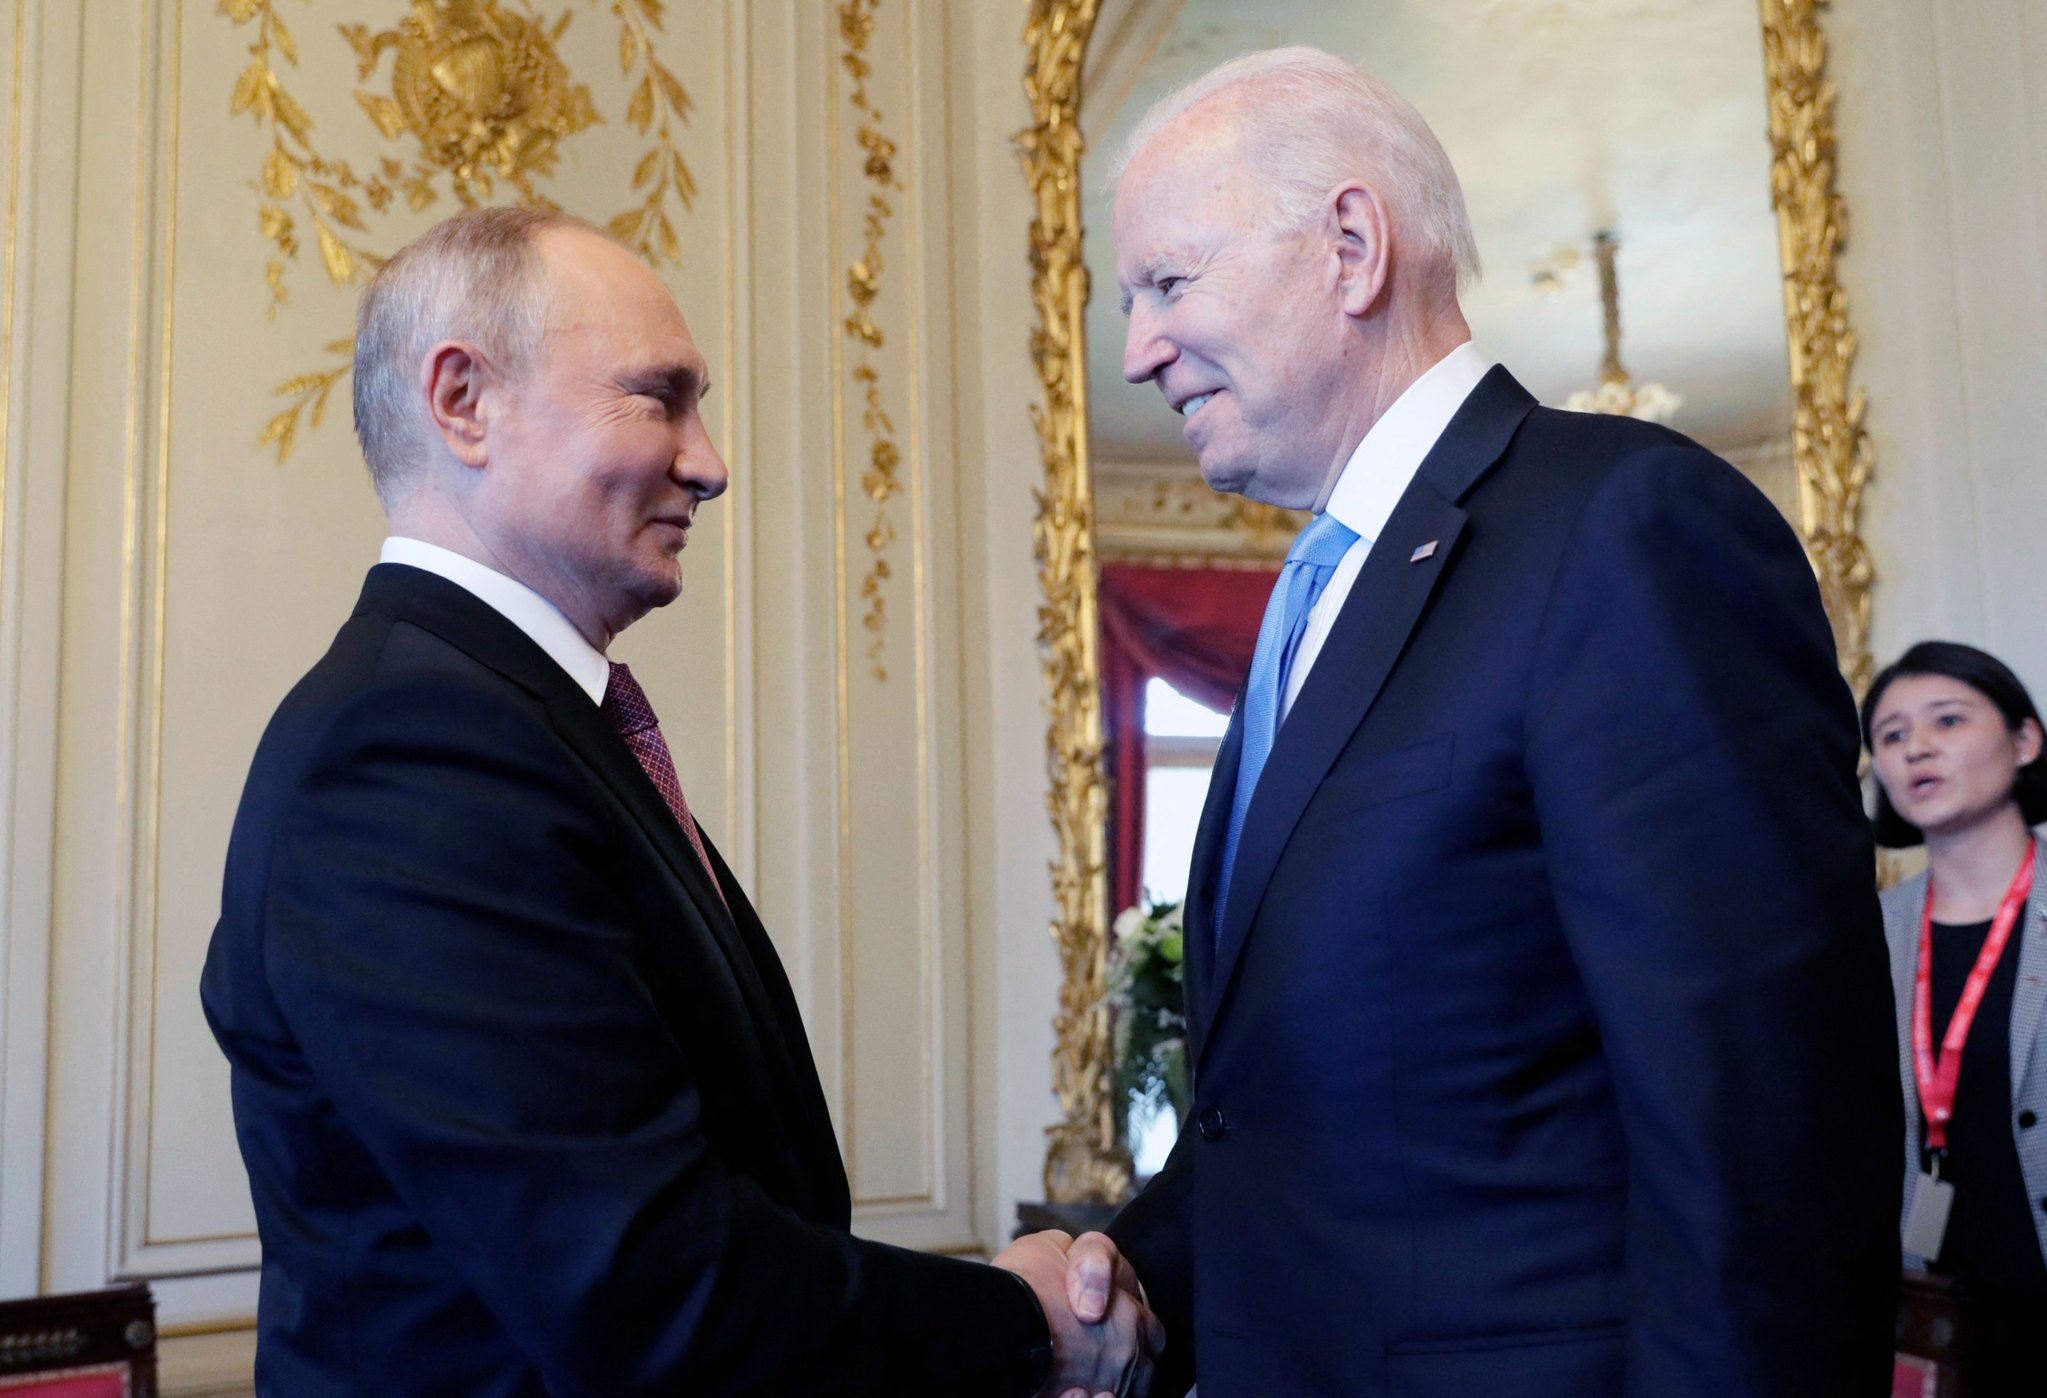 ٢٠٢١٠٦١٦ ١٤٠٩٤٧ - #بايدن و #بوتين يتصافحان مع بدء قمتهما في #جنيف.   #العبدلي_نيوز